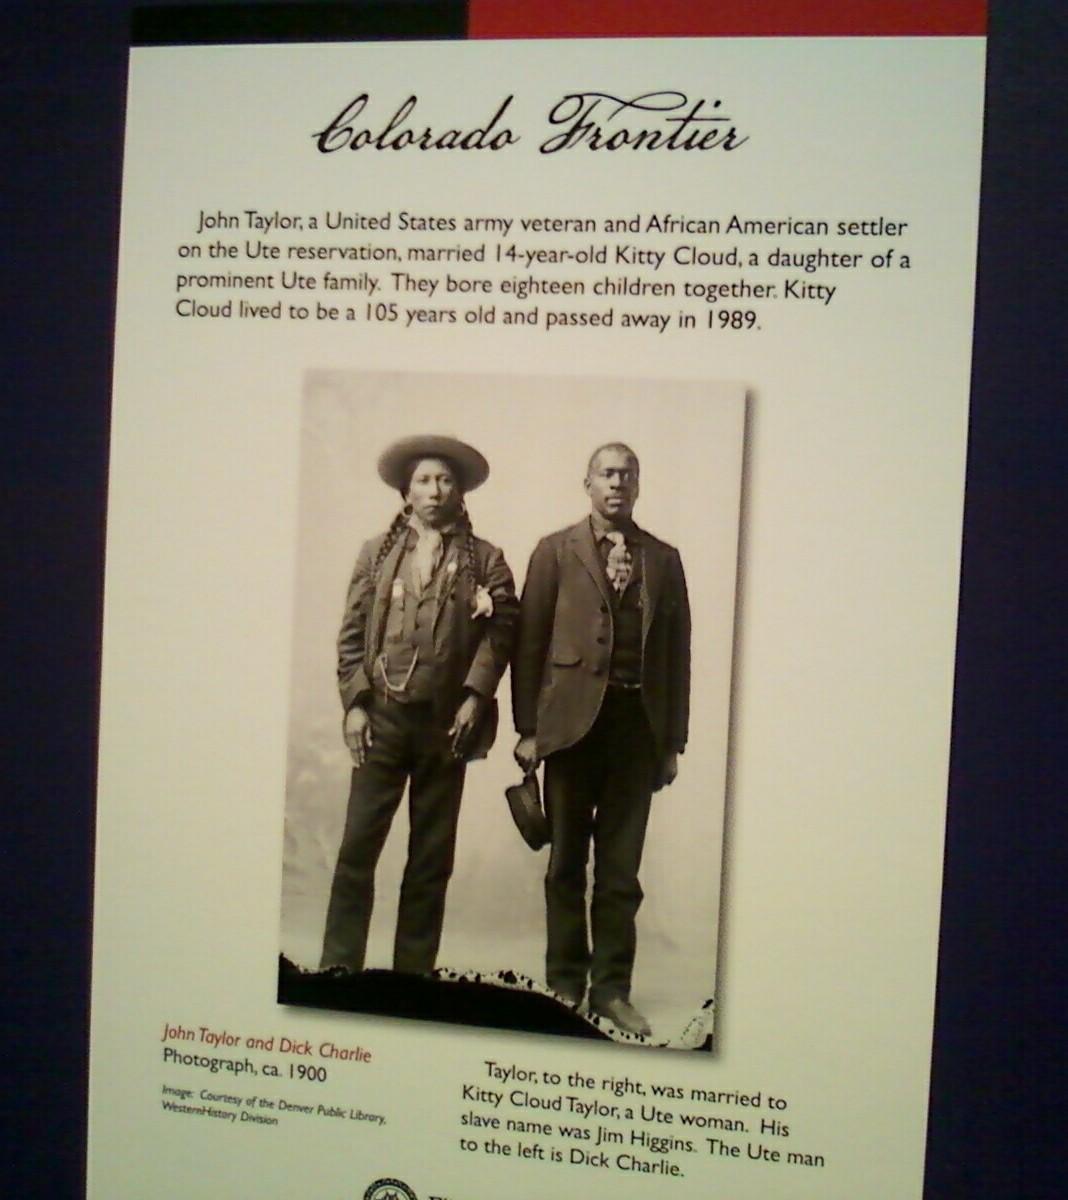 Colorado Frontier placard